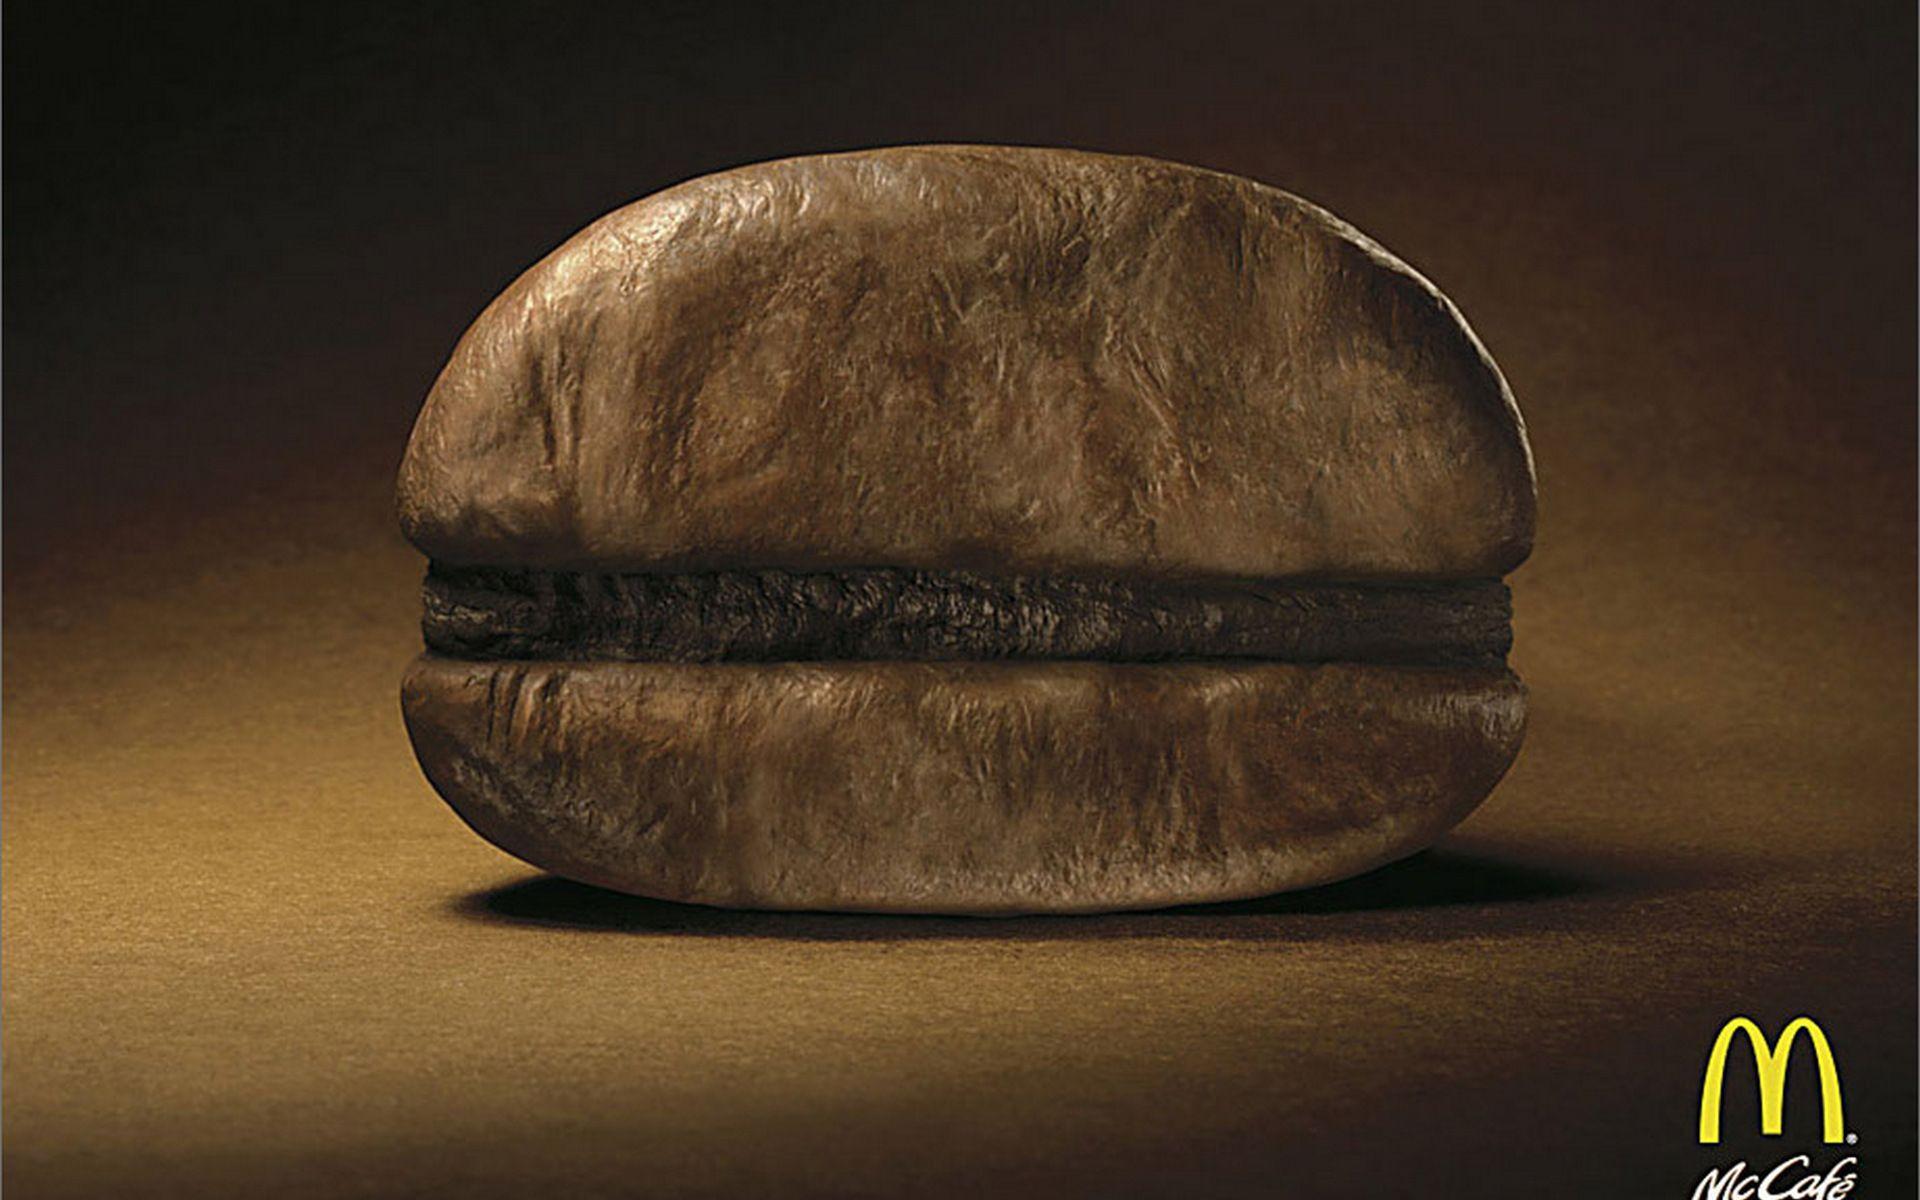 McDonalds Bean | Publicidad creativa, Publicidad inteligente, Anuncios impresos